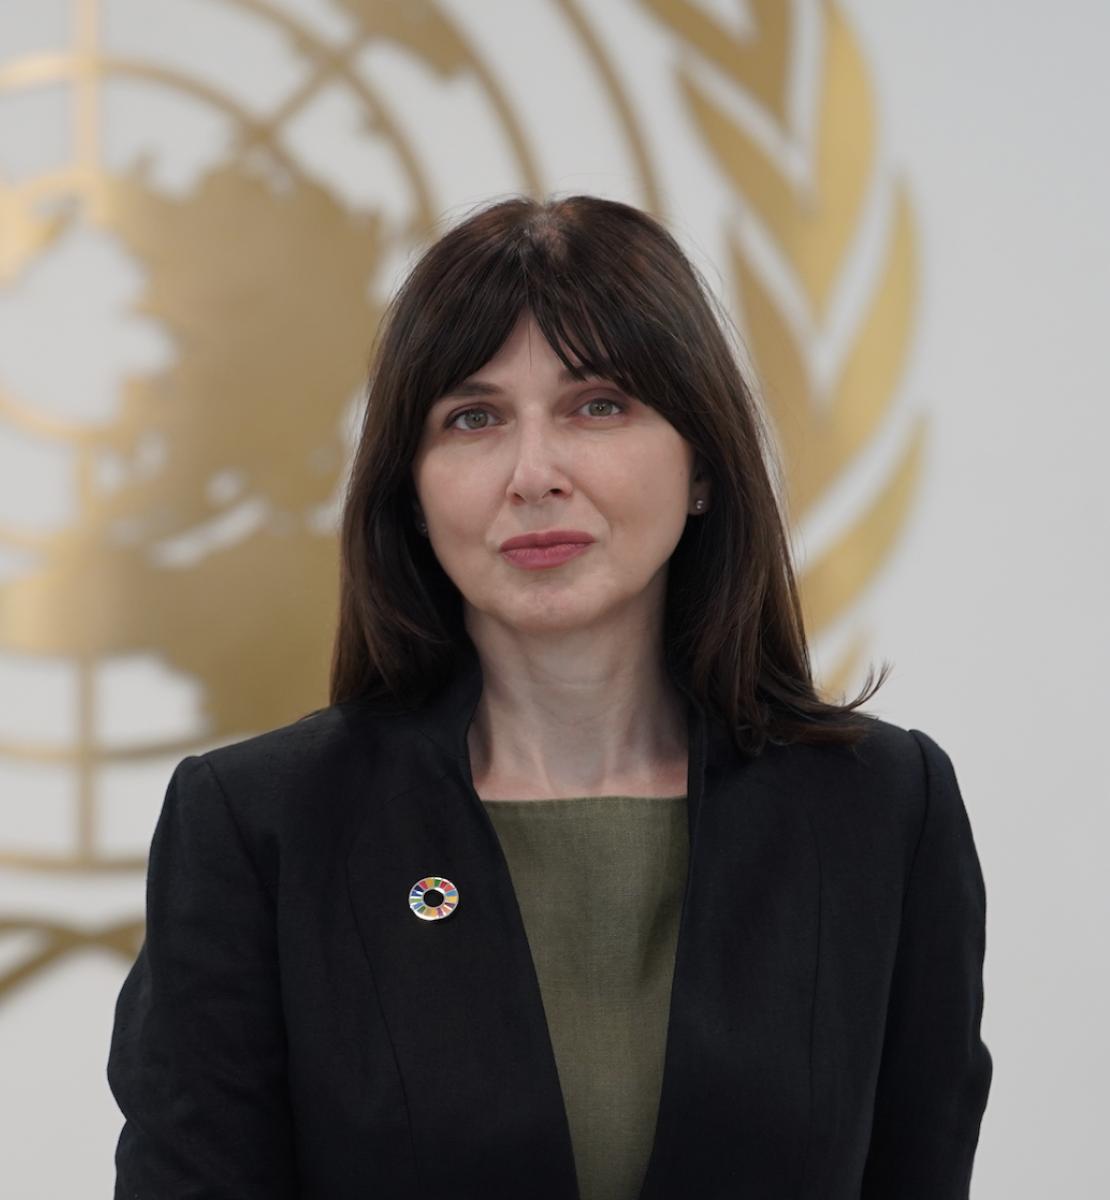 一名妇女站在联合国标志前,身穿黑色夹克和绿色衬衫,直视镜头。